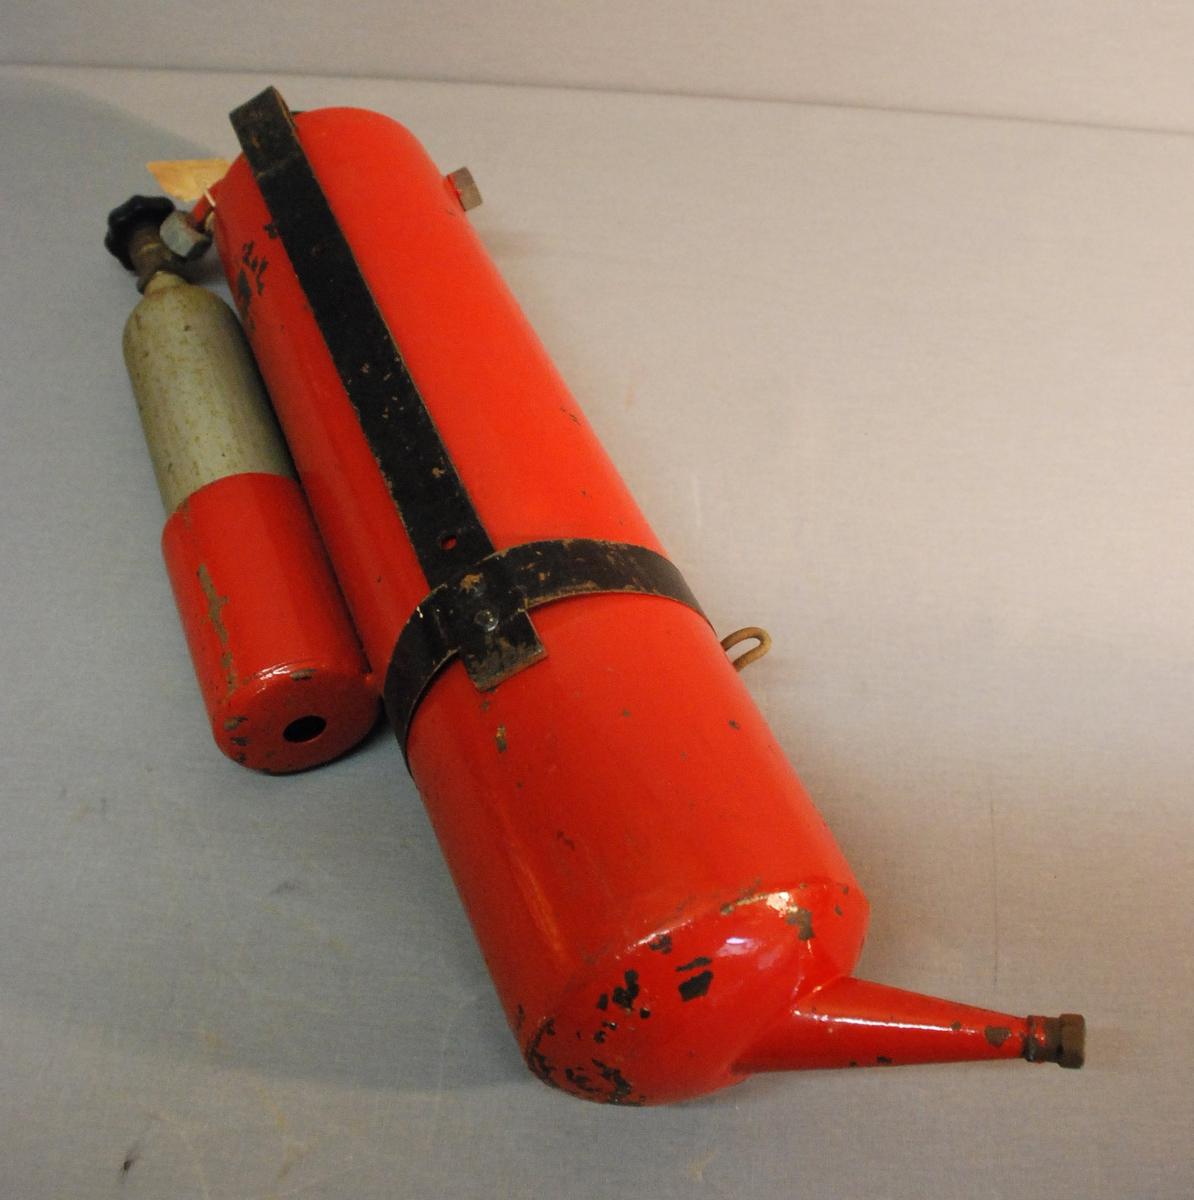 Sylinderformet brannslokkingsapparat med ventil på toppen. Veggbrakett festet med metallbånd rundt sylinderen. Utløp i bunnen av apparatet. Holder for drivgass festet på sylinderen. Oppi holderen er det en sylinderformet sylinder for kullsyre-drivgass. Drivgassylinderen har ventilratt på toppen og forbindelse til apparatet.